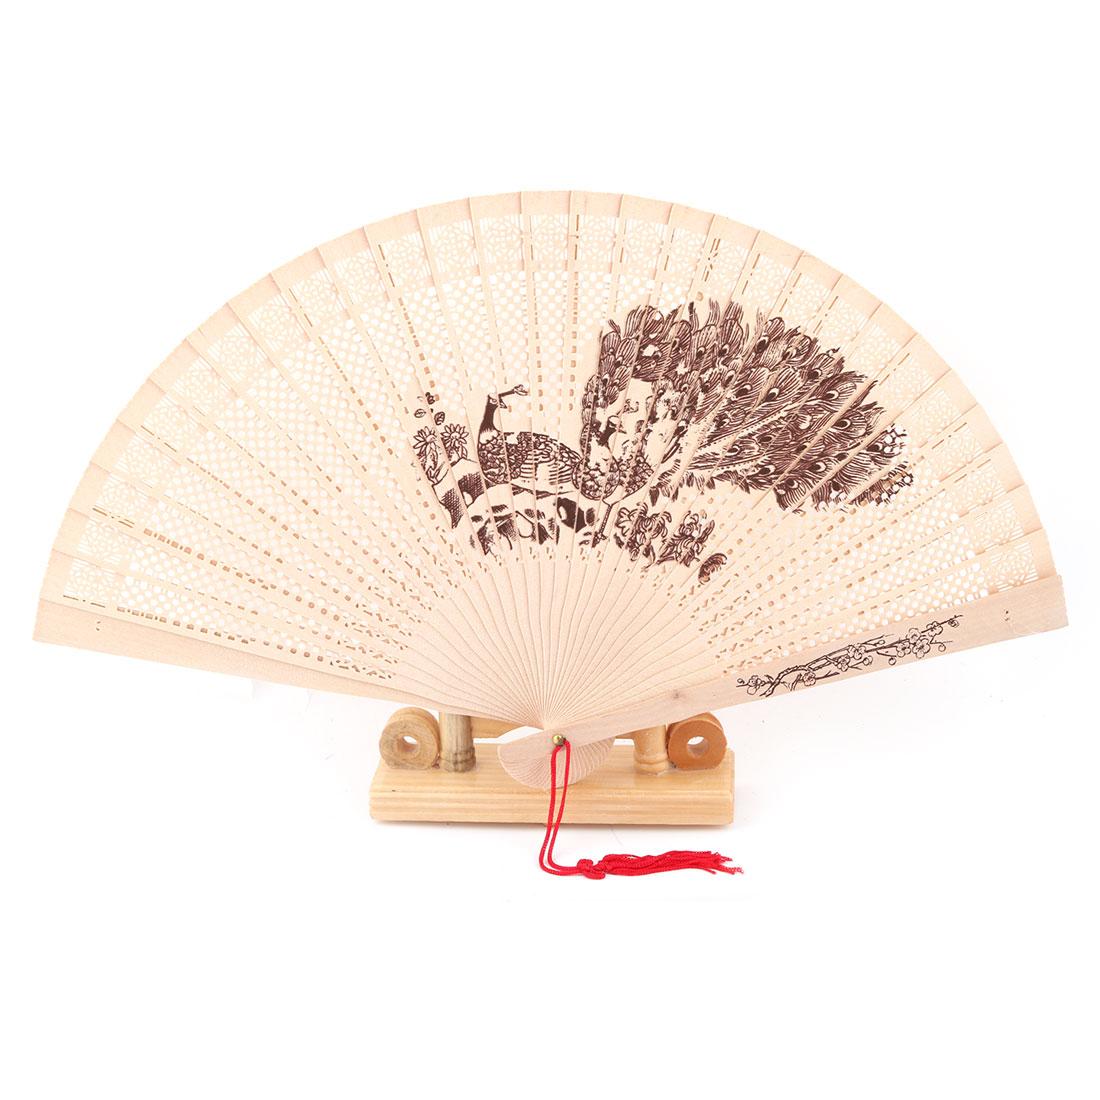 Bamboo Peacock Pattern Tassel Decor Folding Hand Fan Display Holder Beige 2 in 1